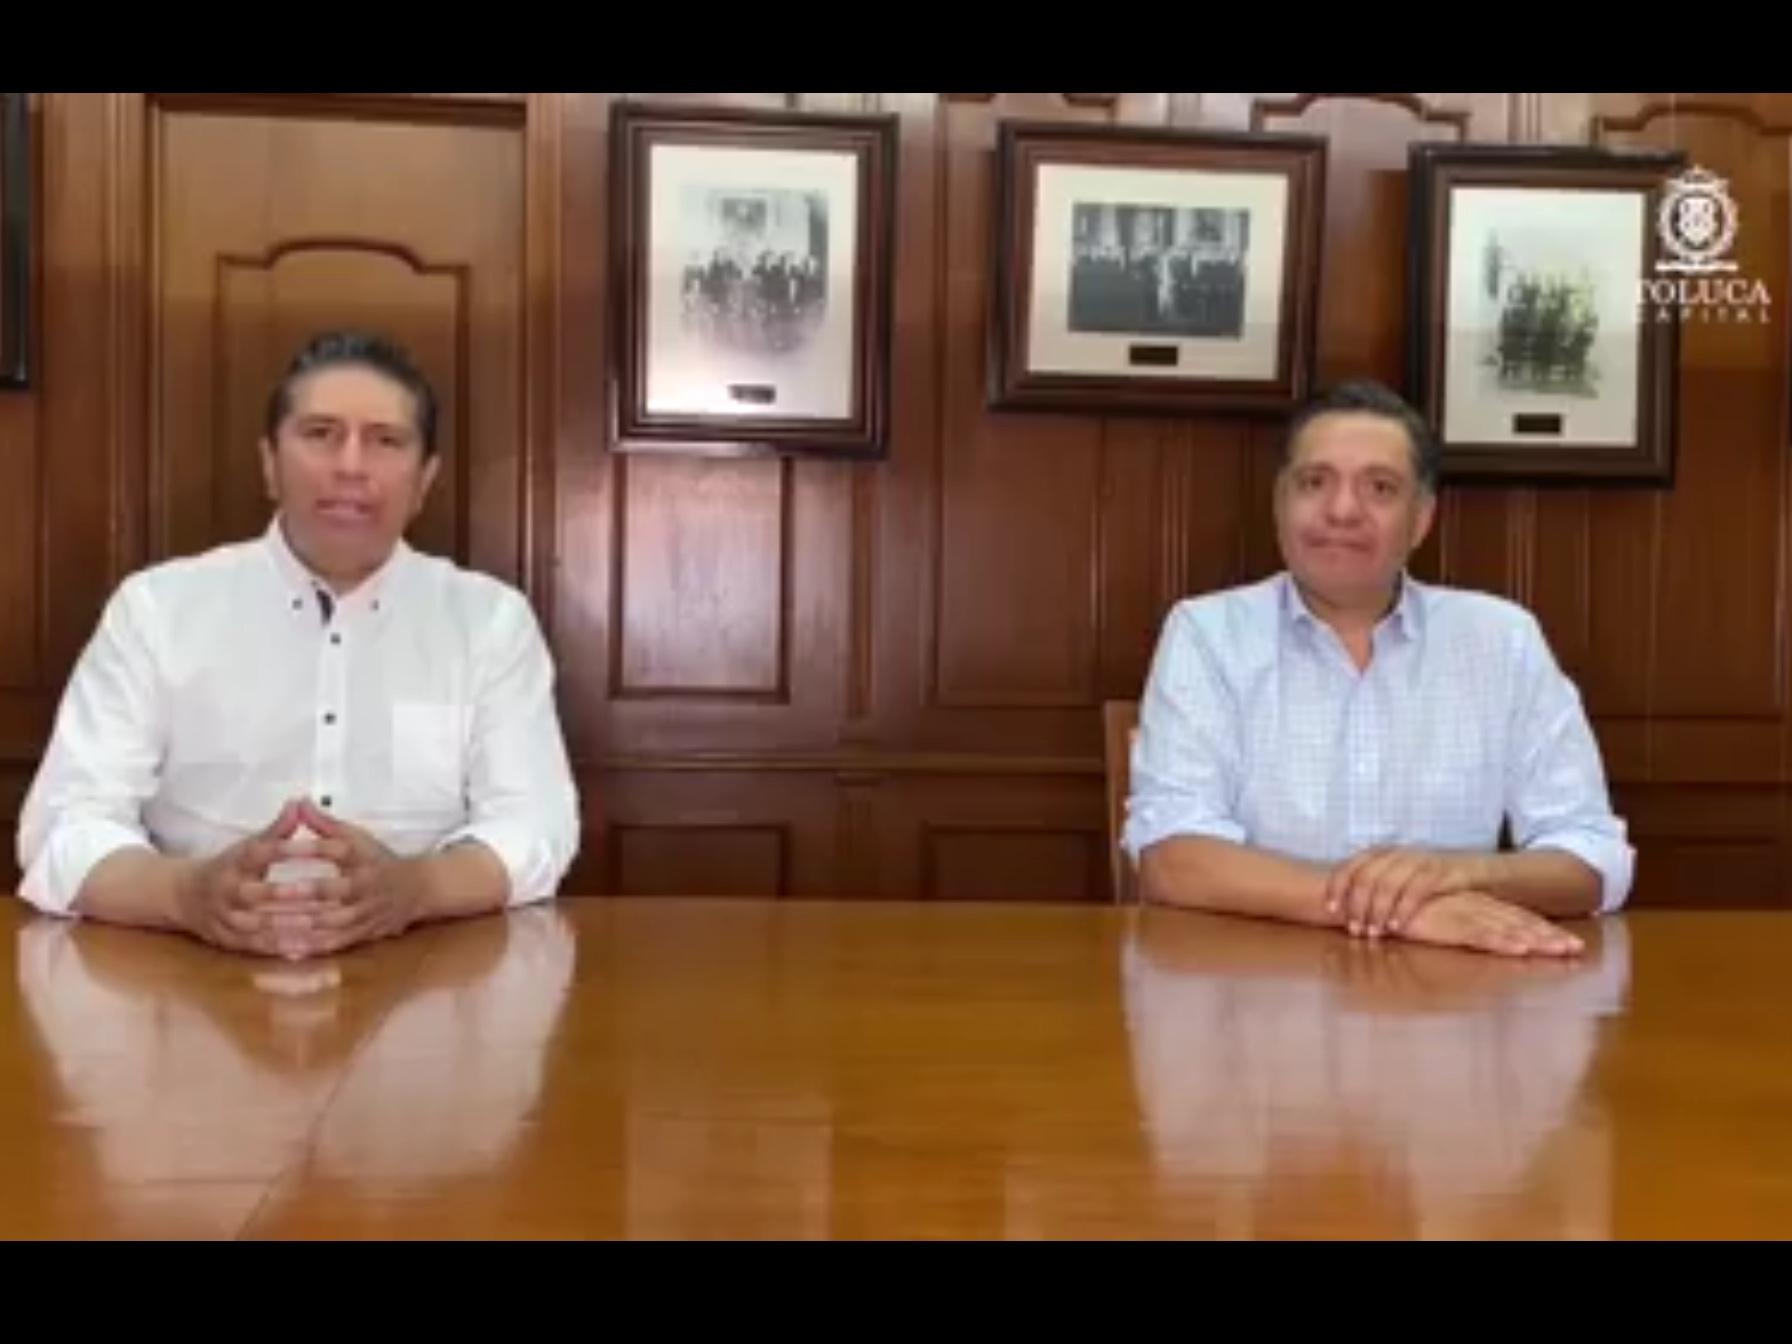 Anuncian ajuste salarial por COVID-19 en Toluca